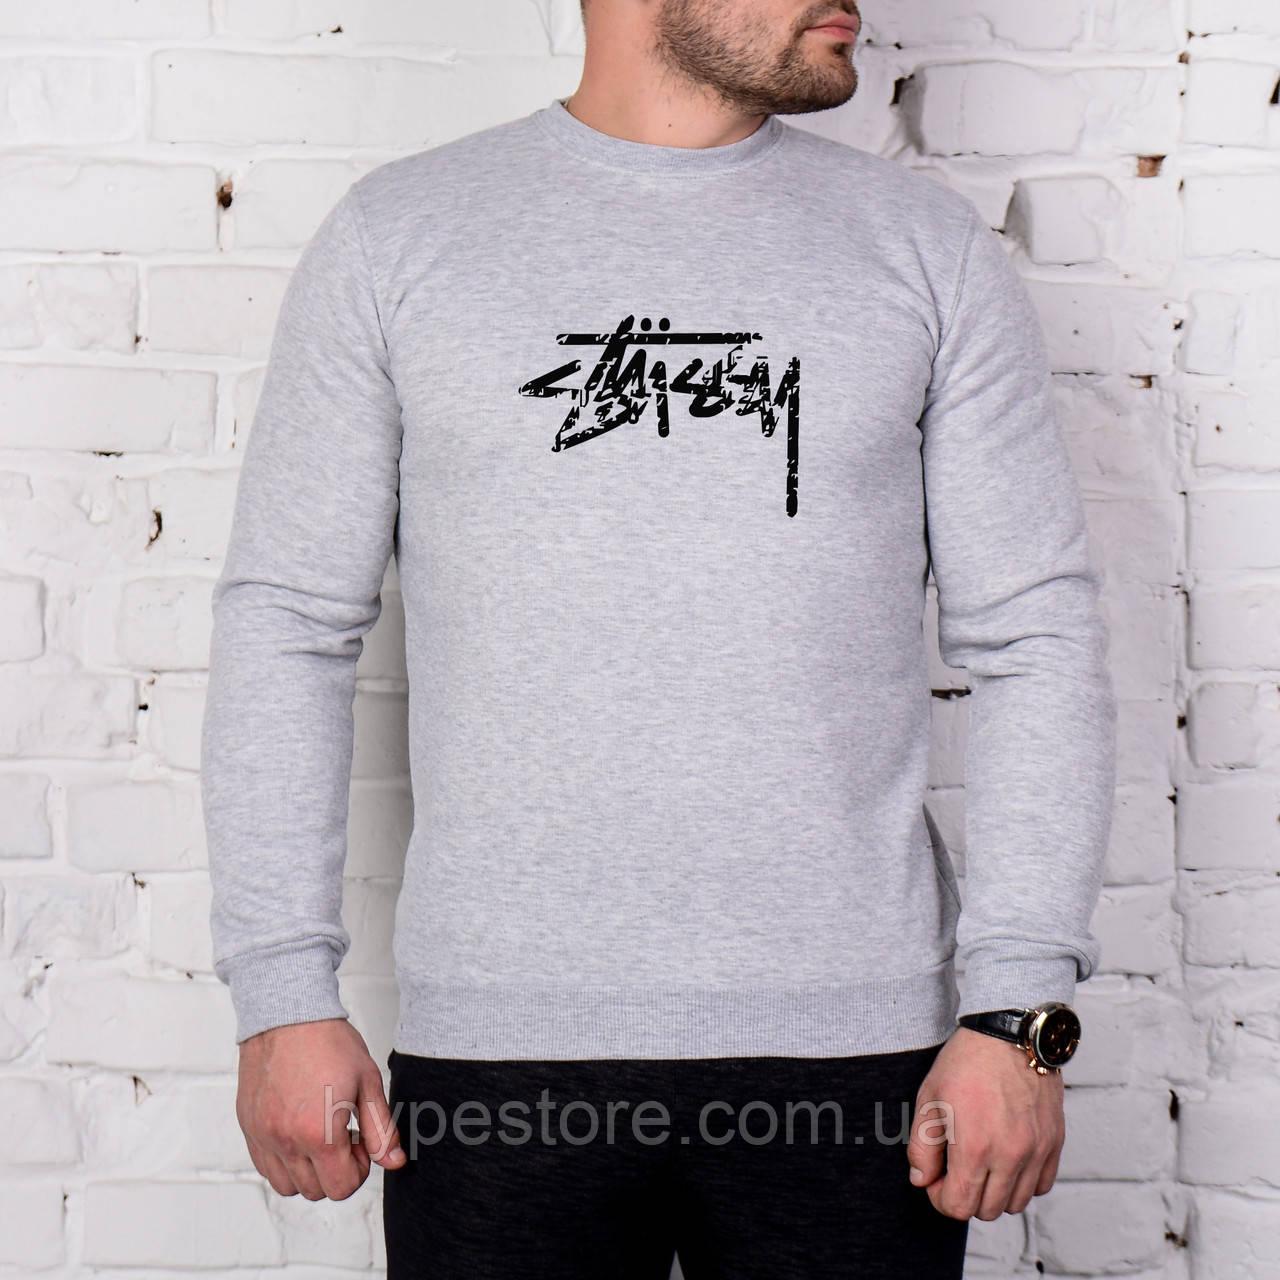 Мужской спортивный серый свитшот, кофта, лонгслив, реглан Stussy, Реплика